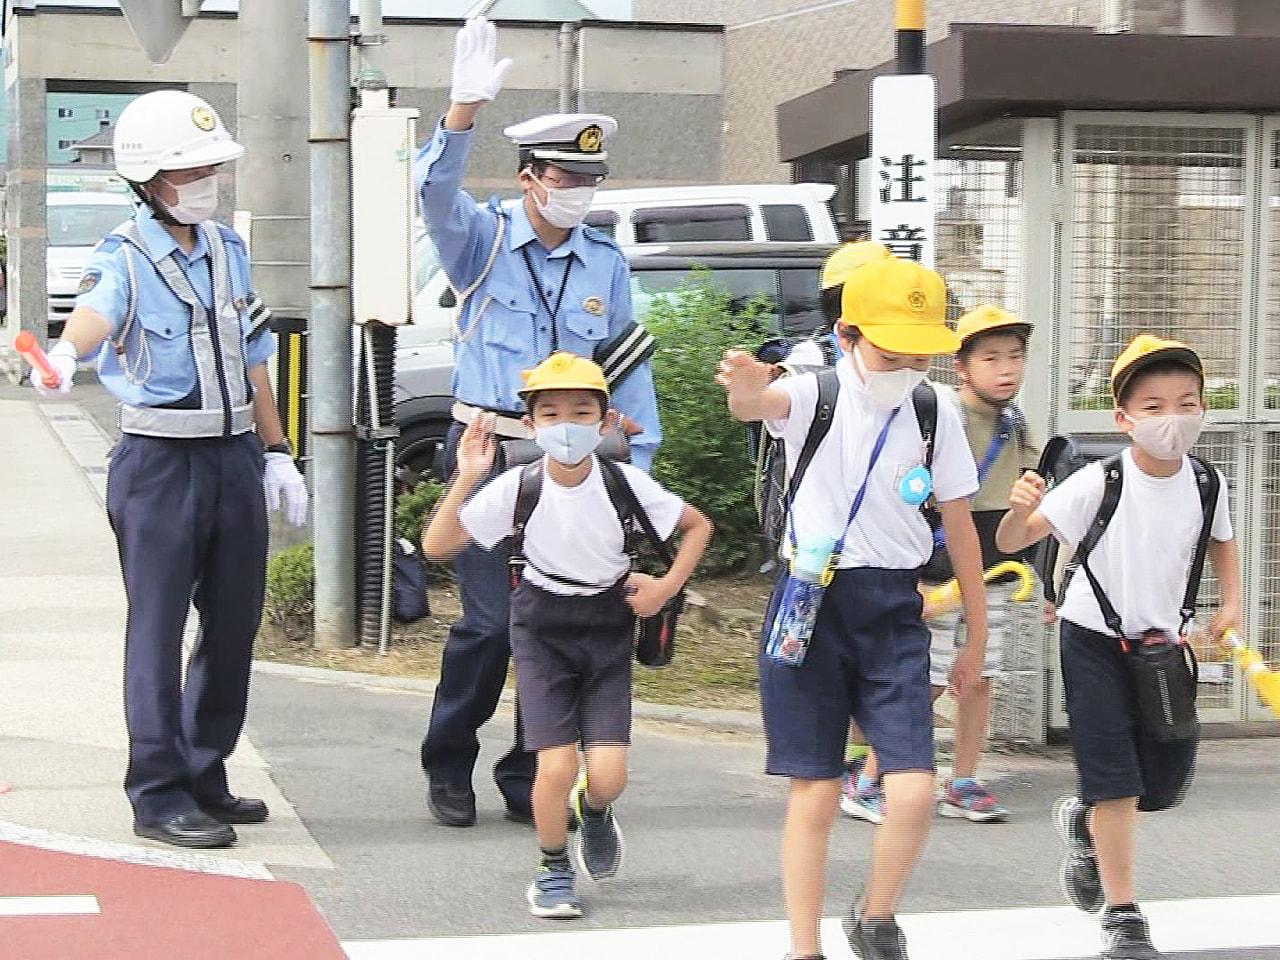 夏の交通安全県民運動が始まった岐阜市で、下校途中の小学生を警察官らが見守りました...